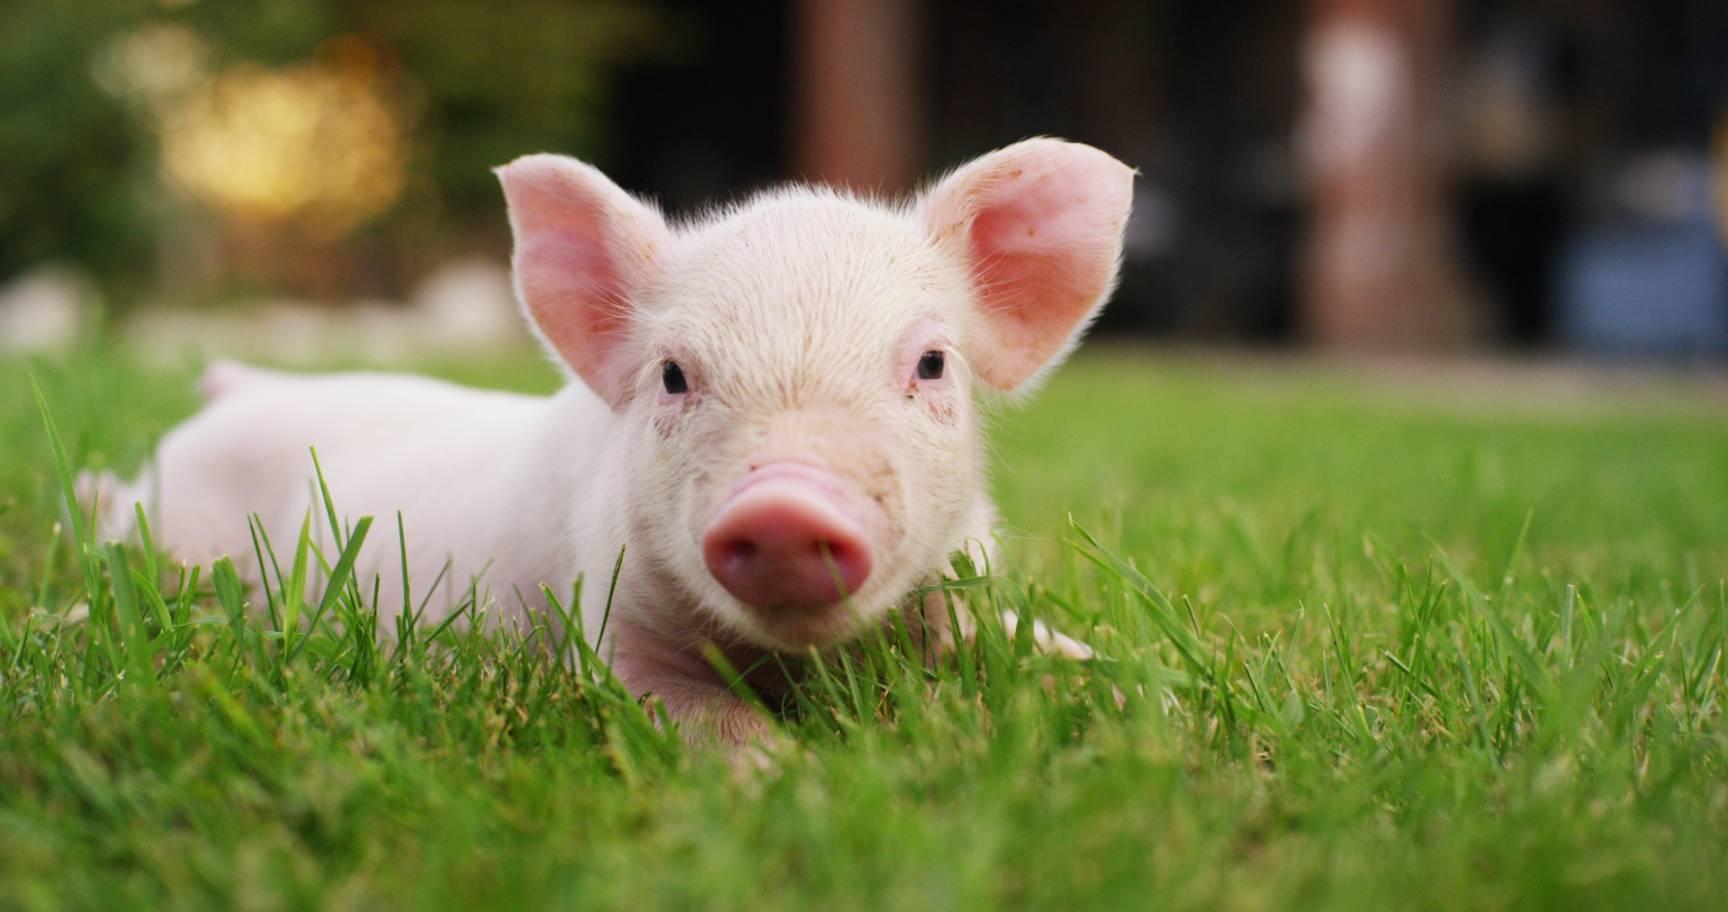 Malutka różowa świnka leży na zielonej trawie. Dlaczego warto zostać wegetarianinem?